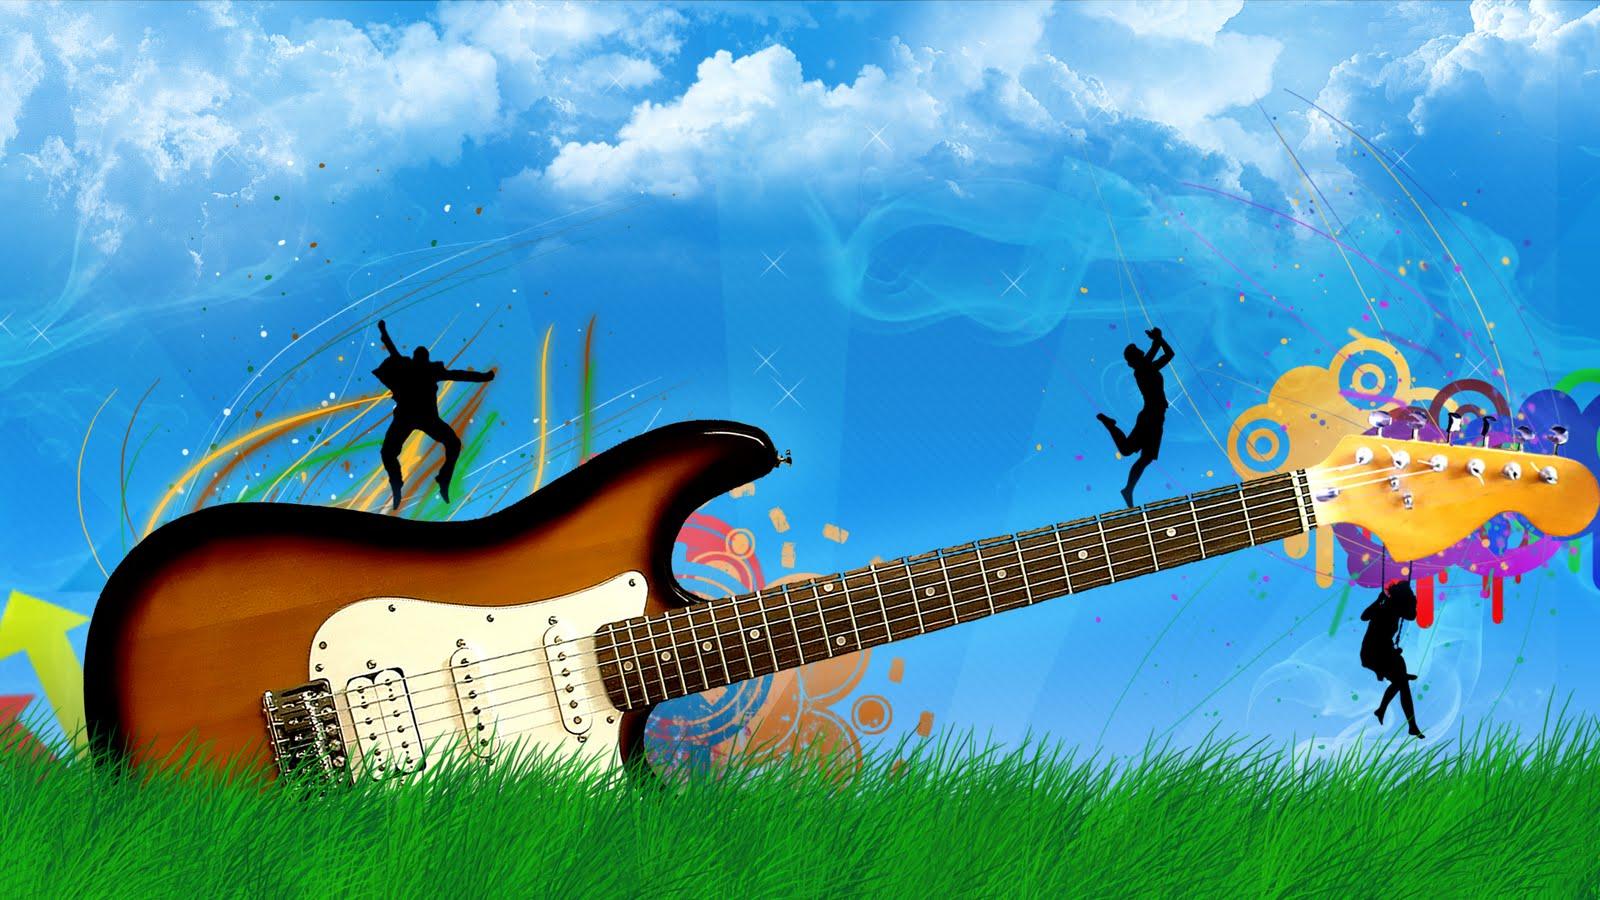 http://3.bp.blogspot.com/-C6tm9HjUvCc/UPFAeW1WMQI/AAAAAAAAEg8/sbQUxhUZA7Y/s1600/Guitar+vector+hd+wallpaperr.jpg